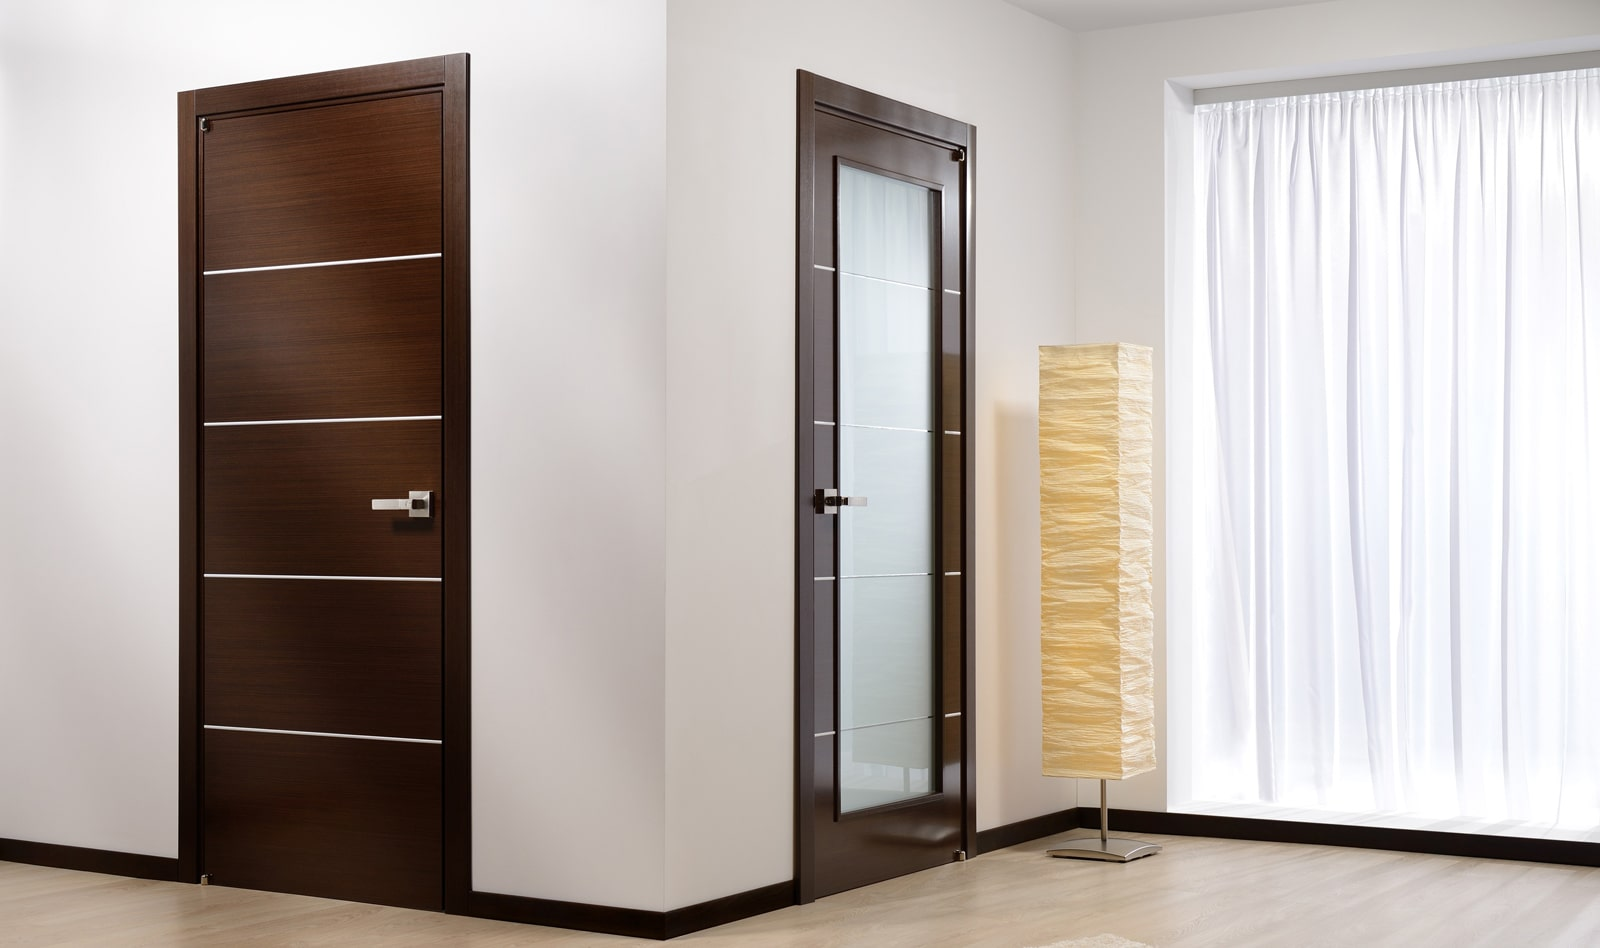 Установка межкомнатных дверей пошагово: фото, видео